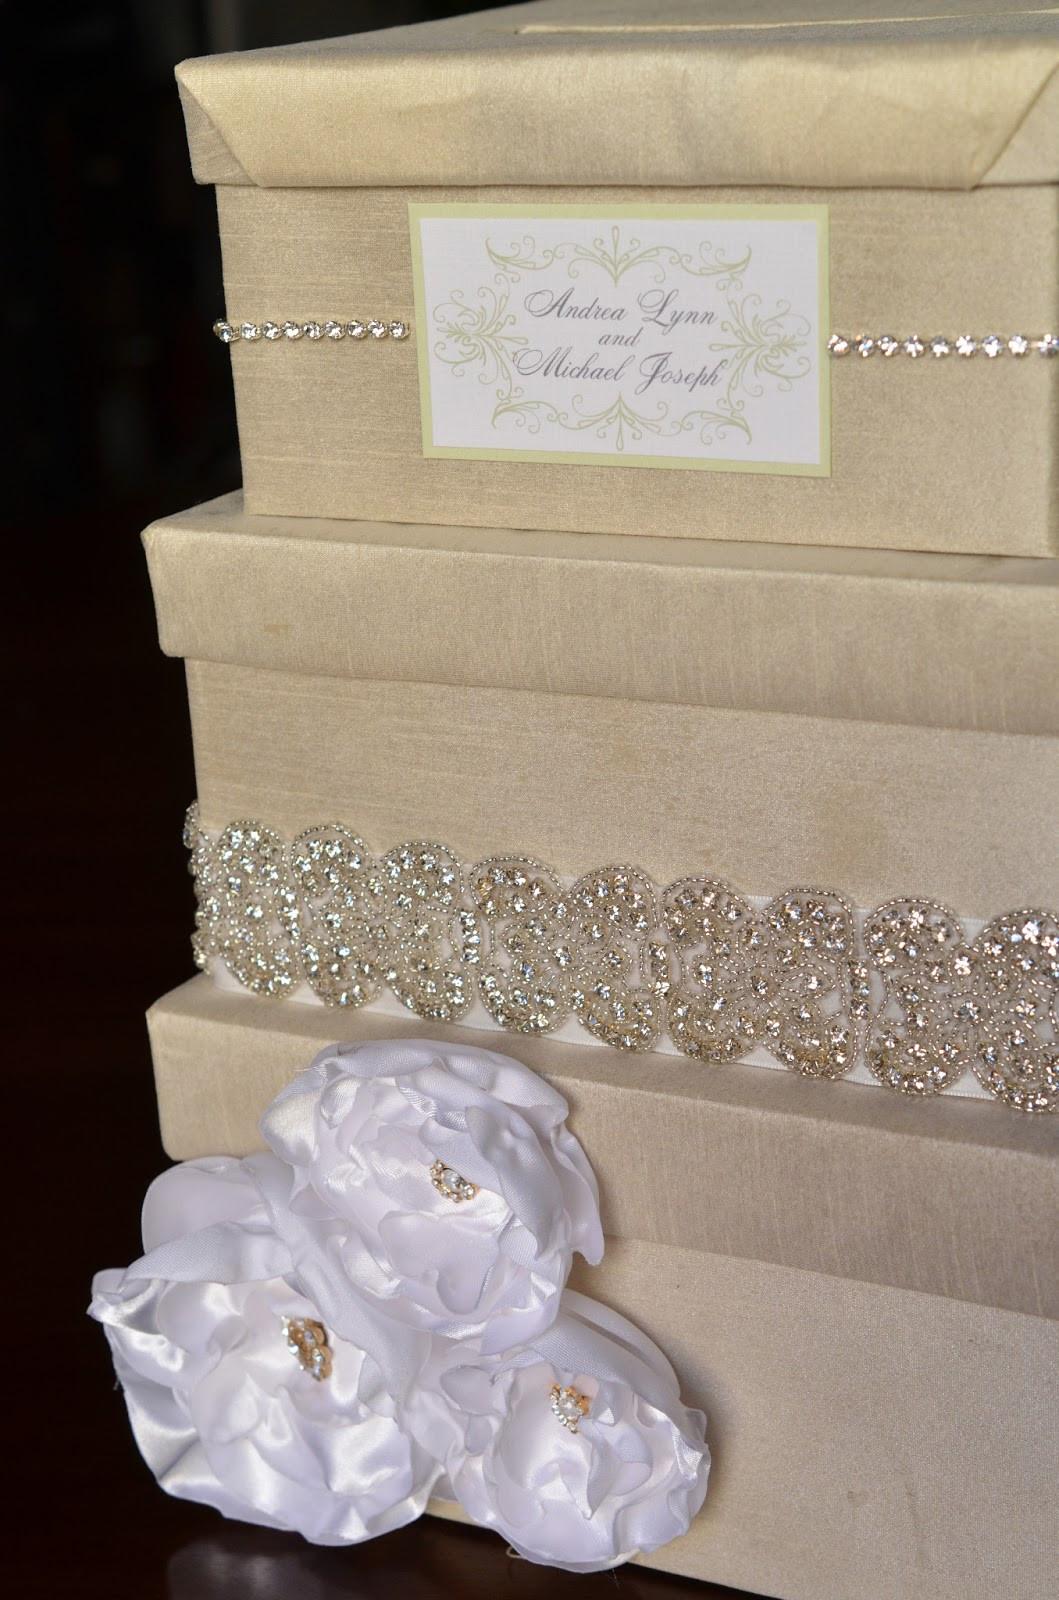 Wedding Card Box DIY  DIY Wedding Card Box Tutorial Andrea Lynn HANDMADE